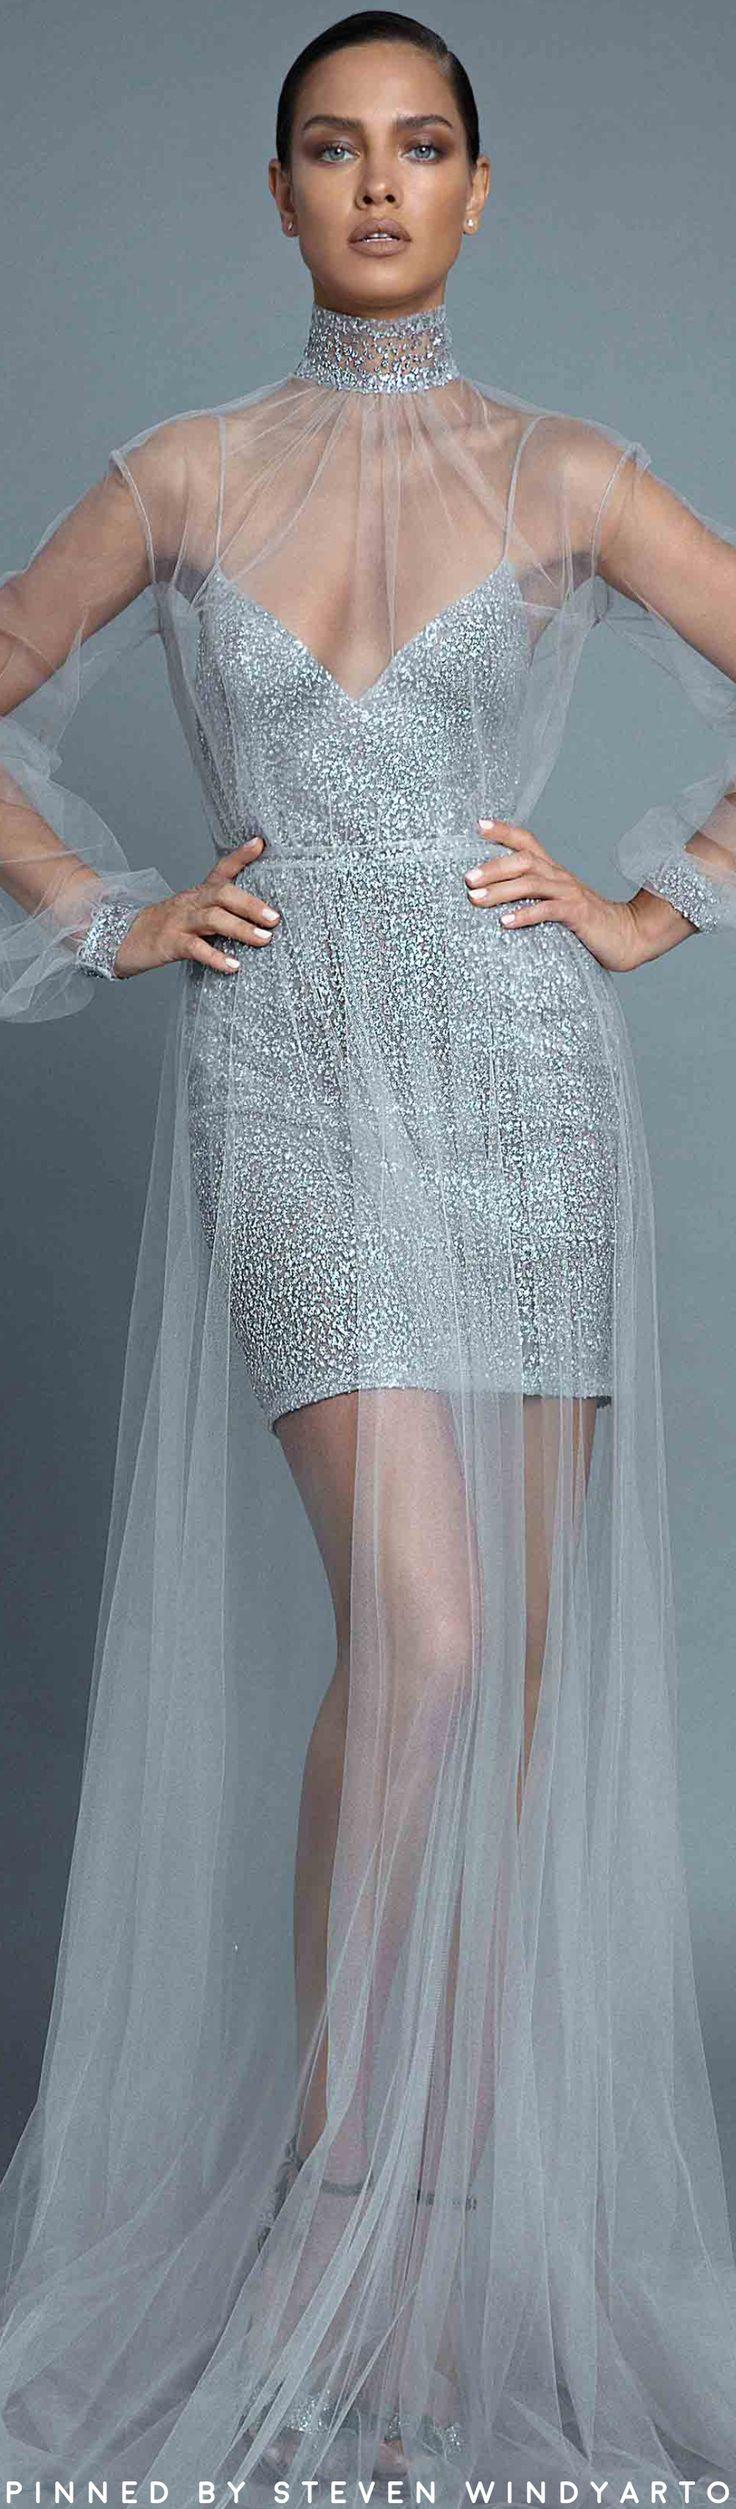 Berta Fall 2019 Evening Gown Lookbook #fall2019 #fw19 #womenswear